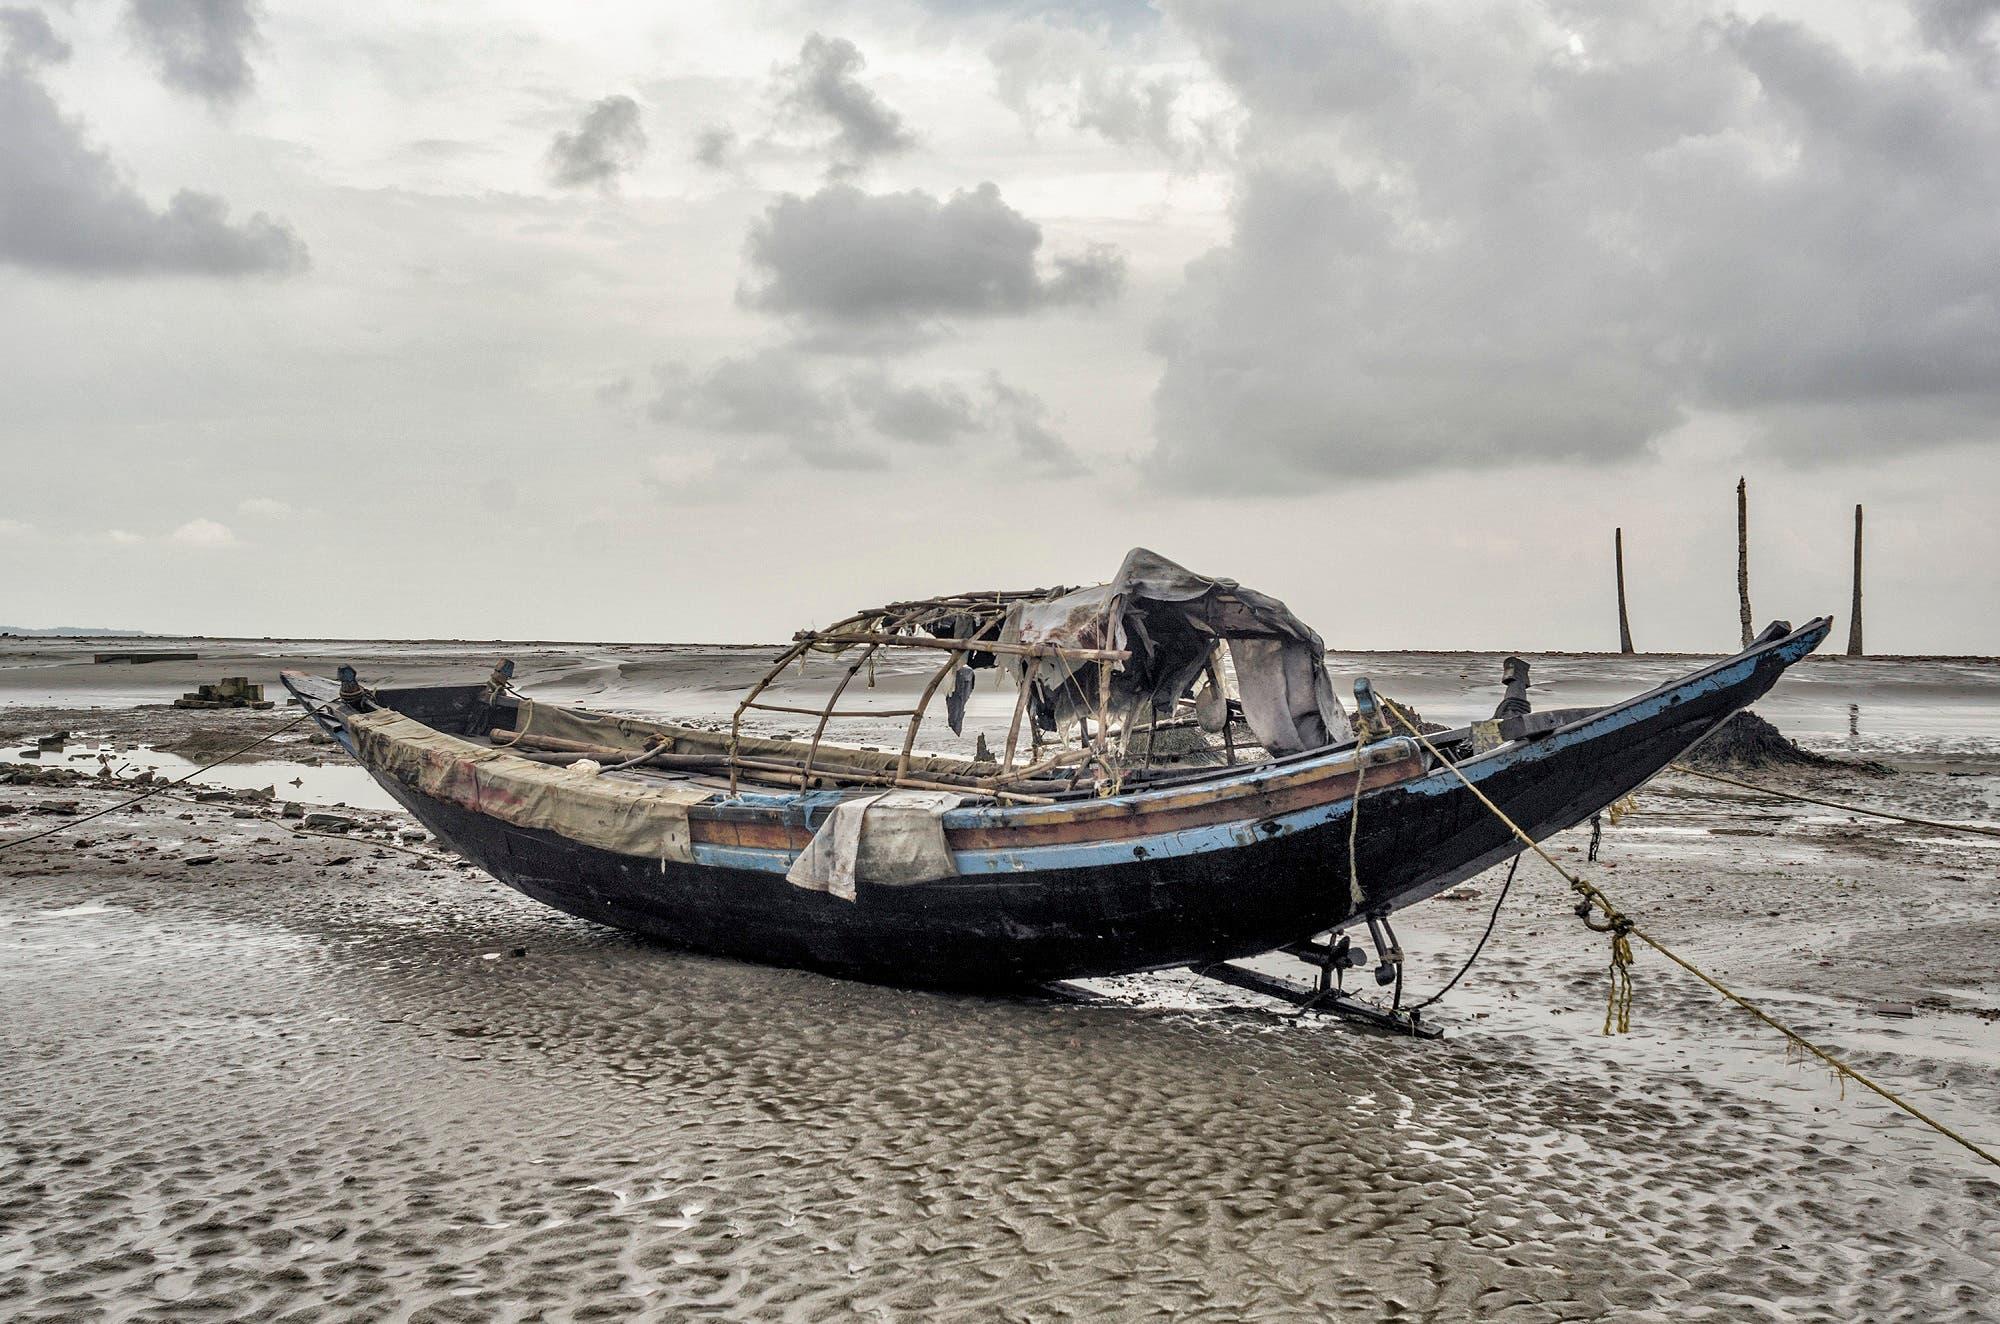 Photo Credit: Debsuddha Banerjee/NewsBridge